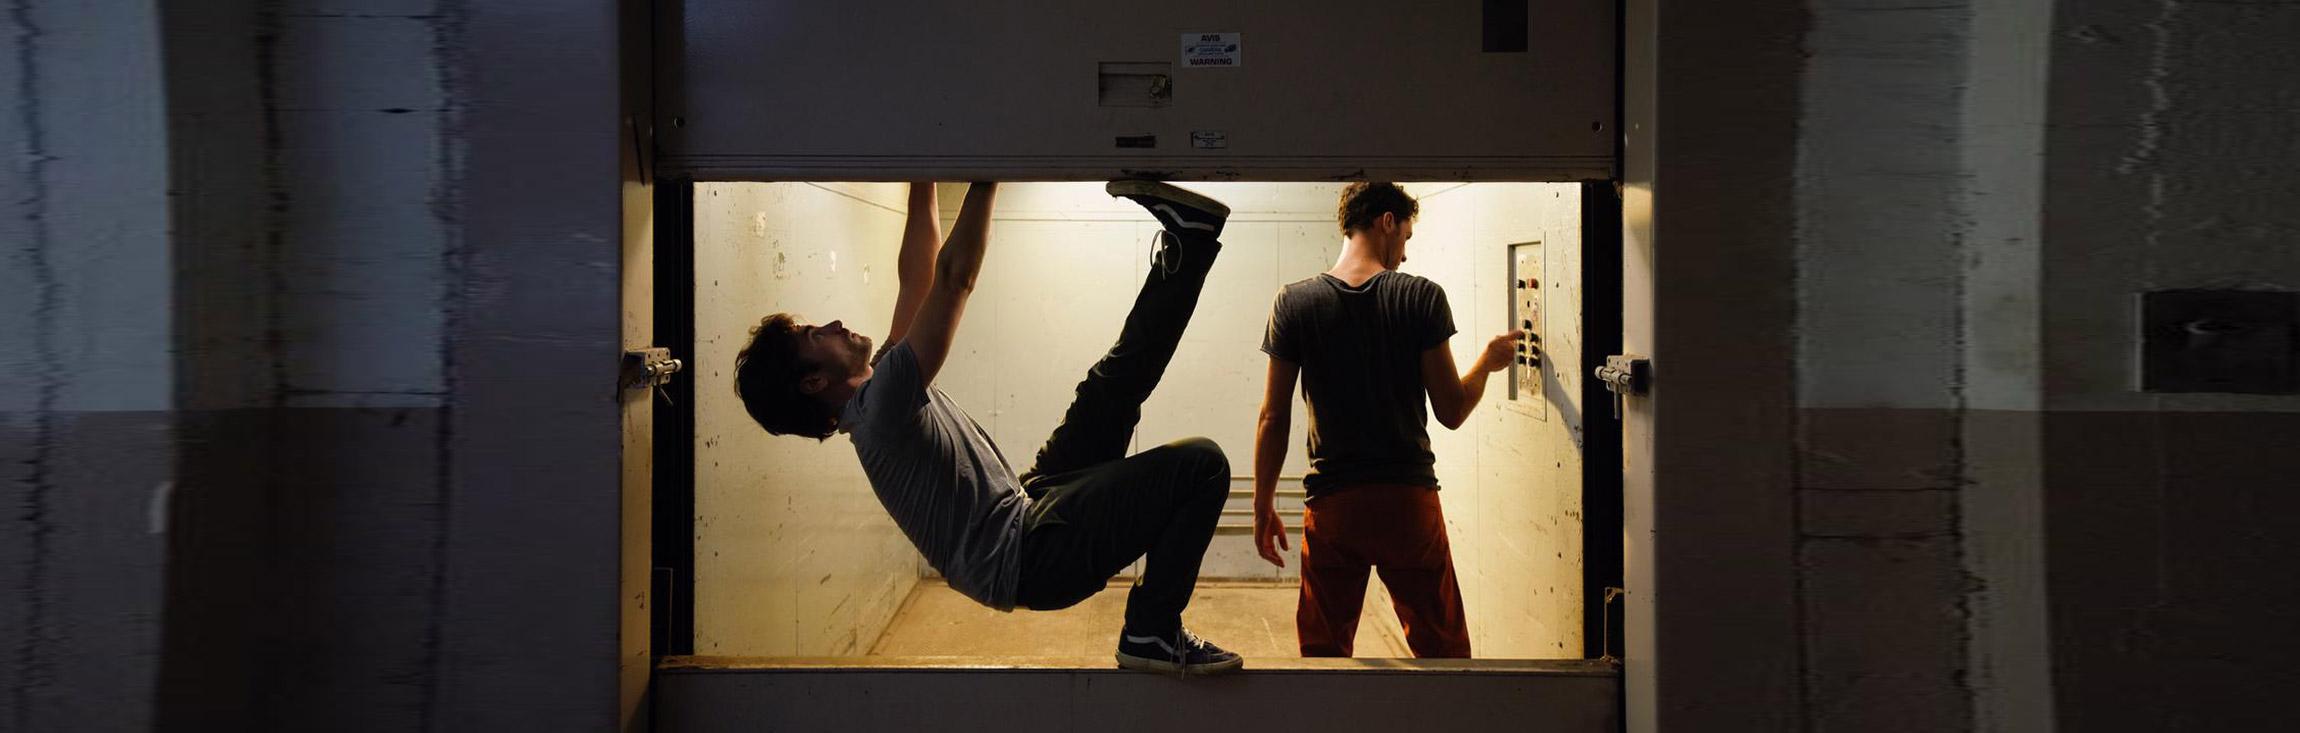 Danse contemporaine plus rythmique ?